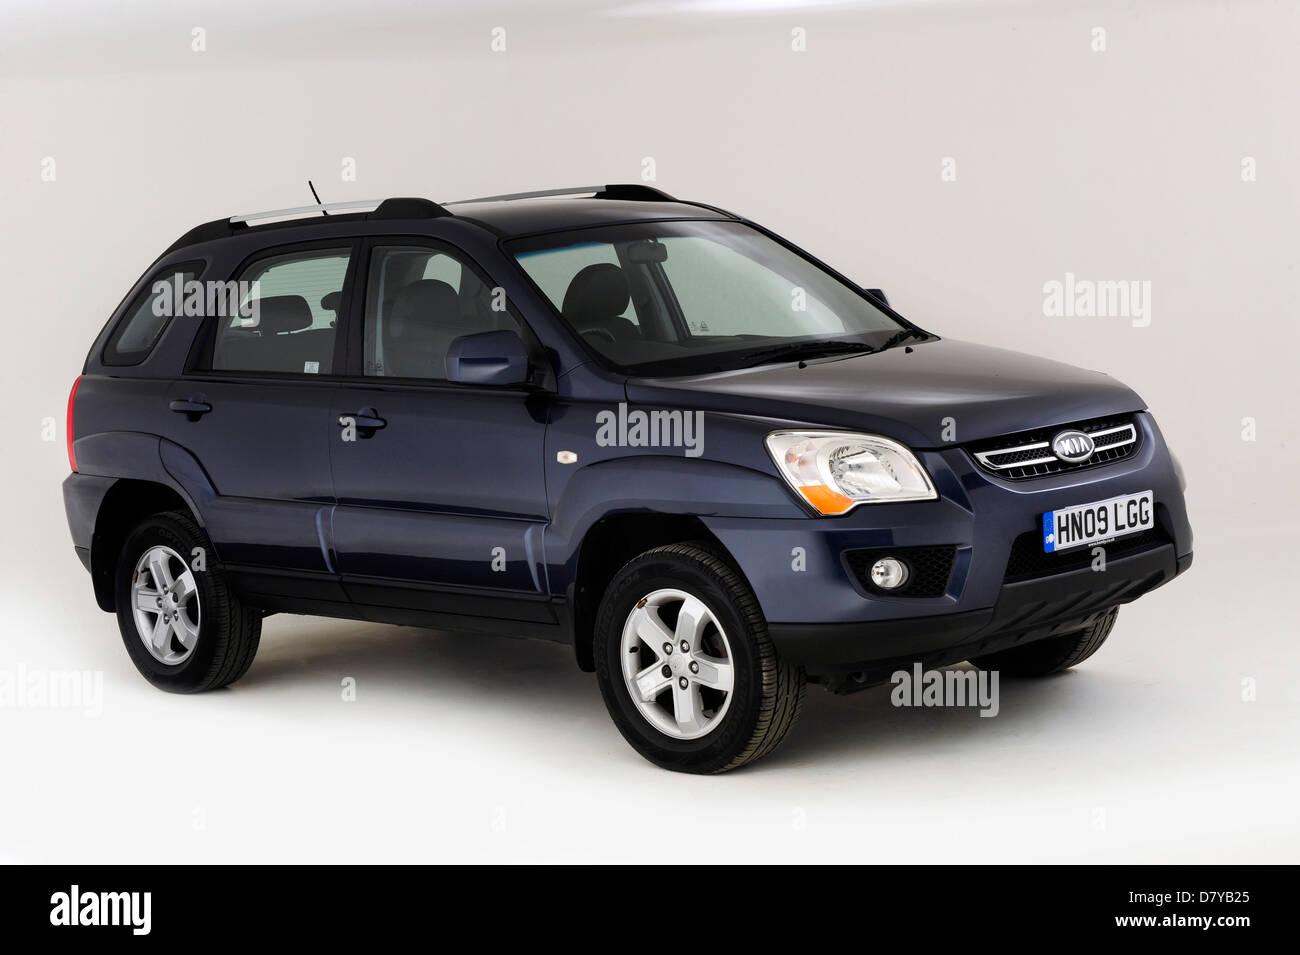 2009 Kia Sportage - Stock Image